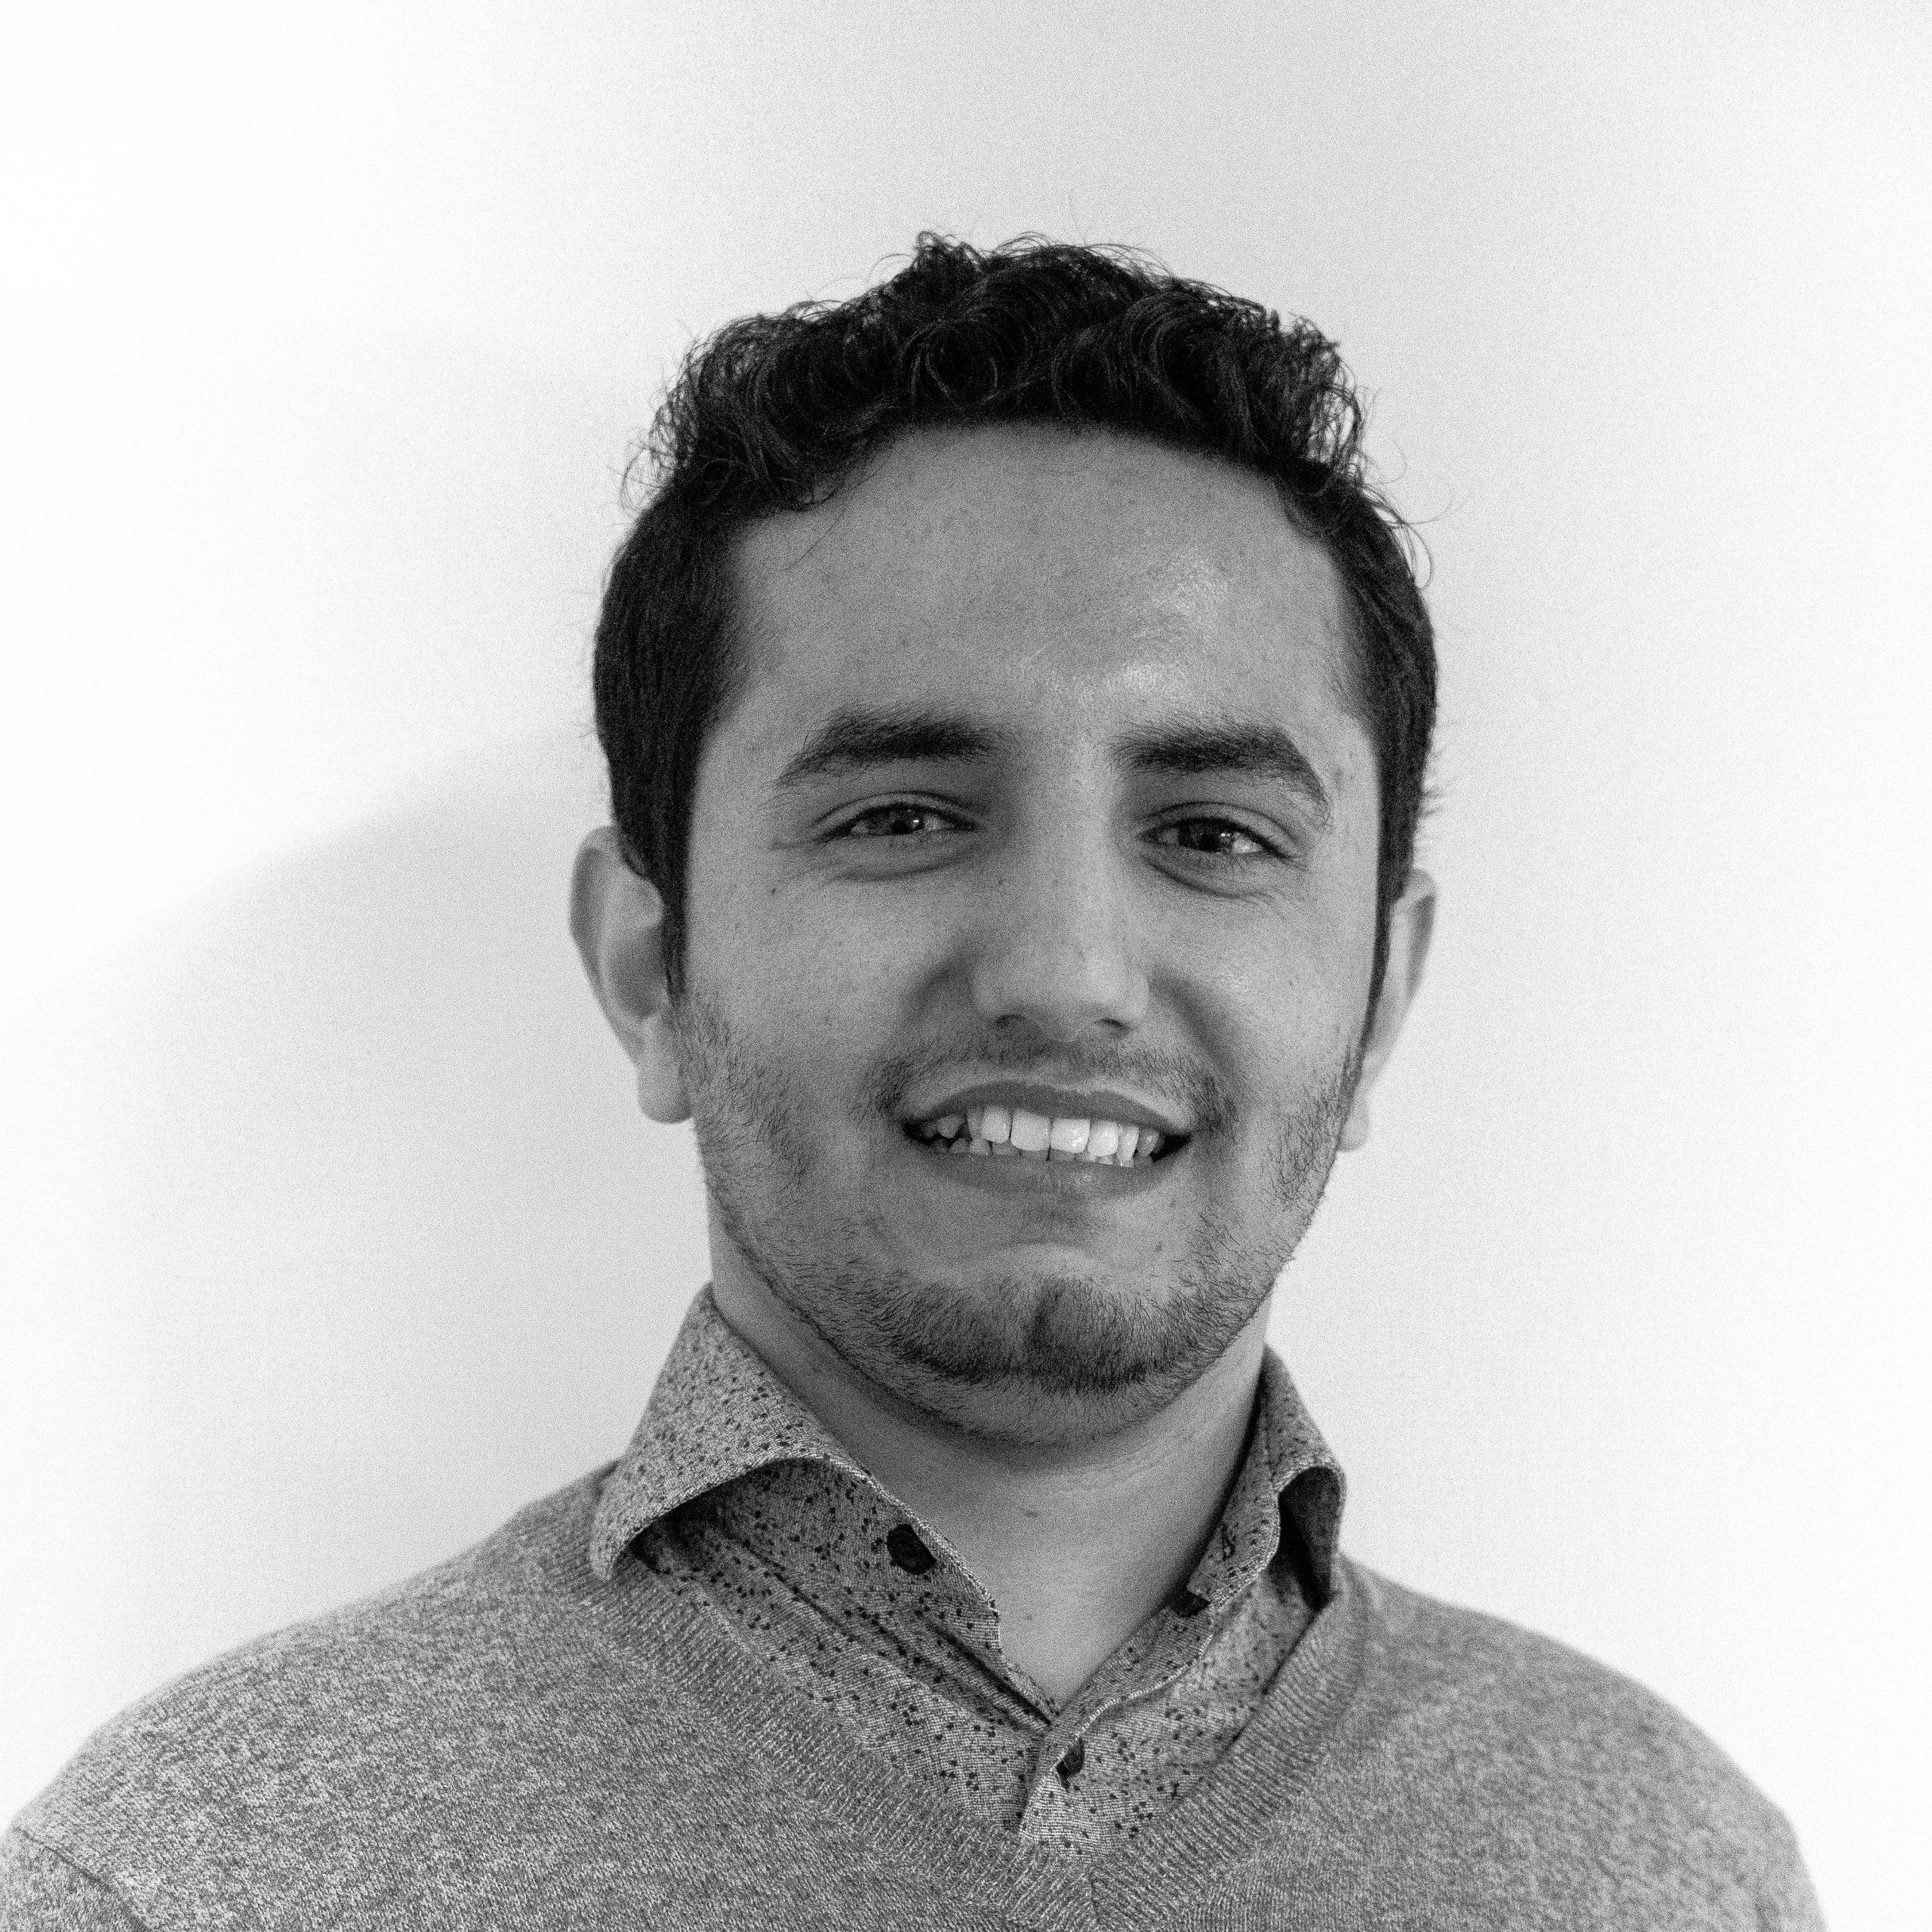 Ahmad Wali Ahmad Yar